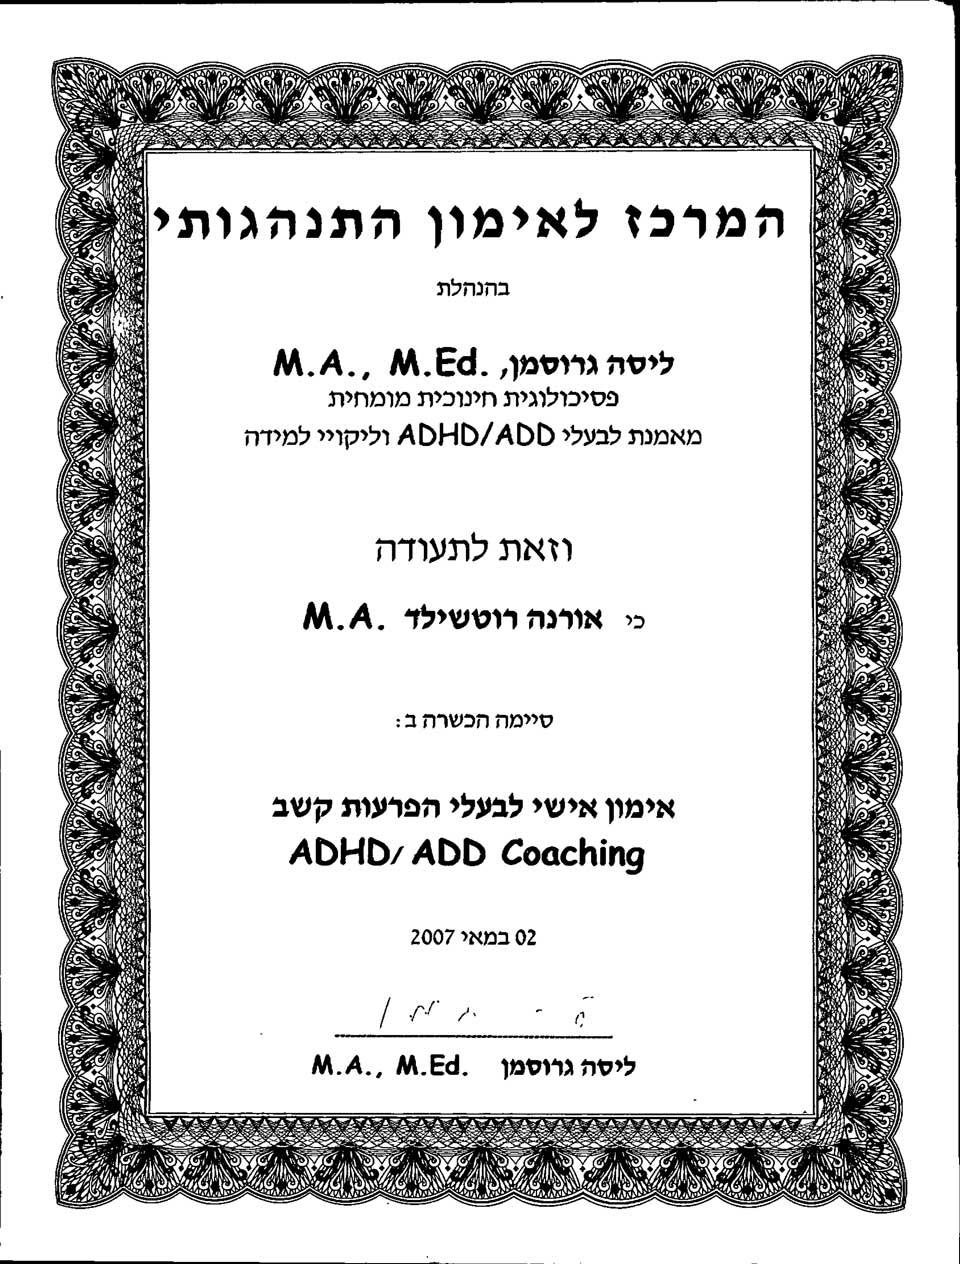 הכשרת אימון אישי לבעלי הפרעות קשב ADD/ADD Coaching - המרכז לאימון התנהגותי